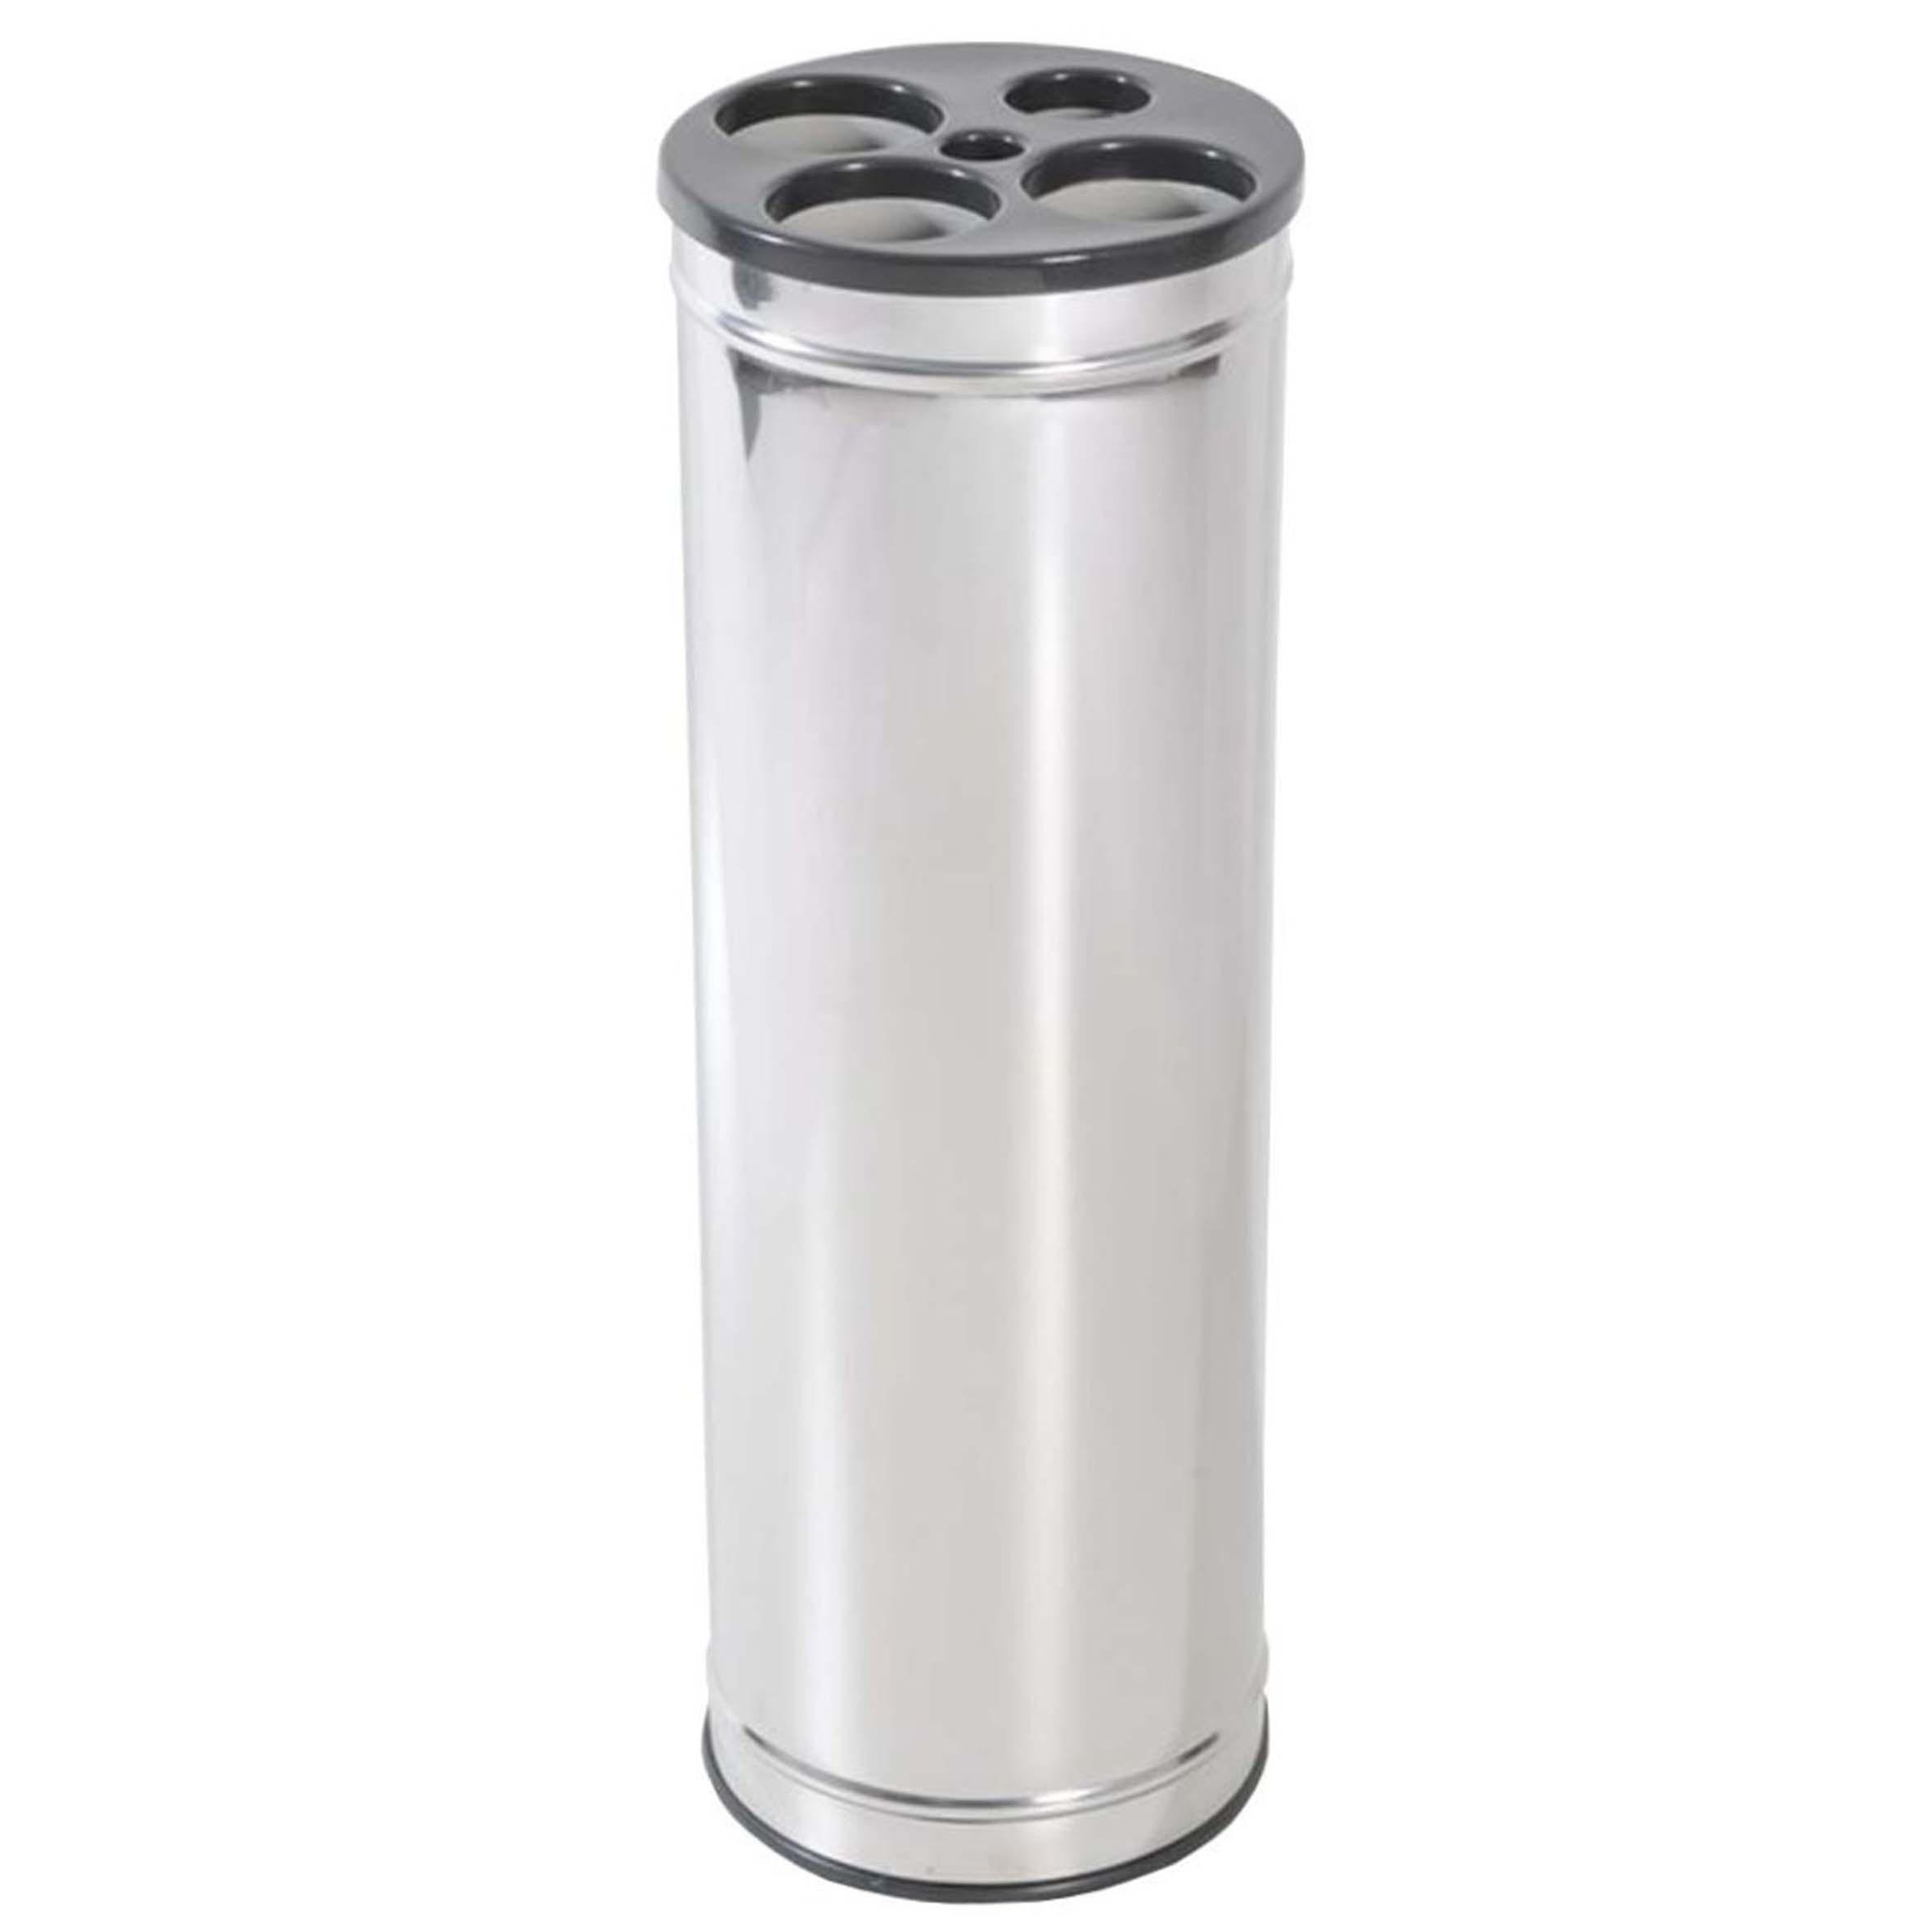 Dispensador de Copos em Aço Inox com Tampa Plástica - JSN